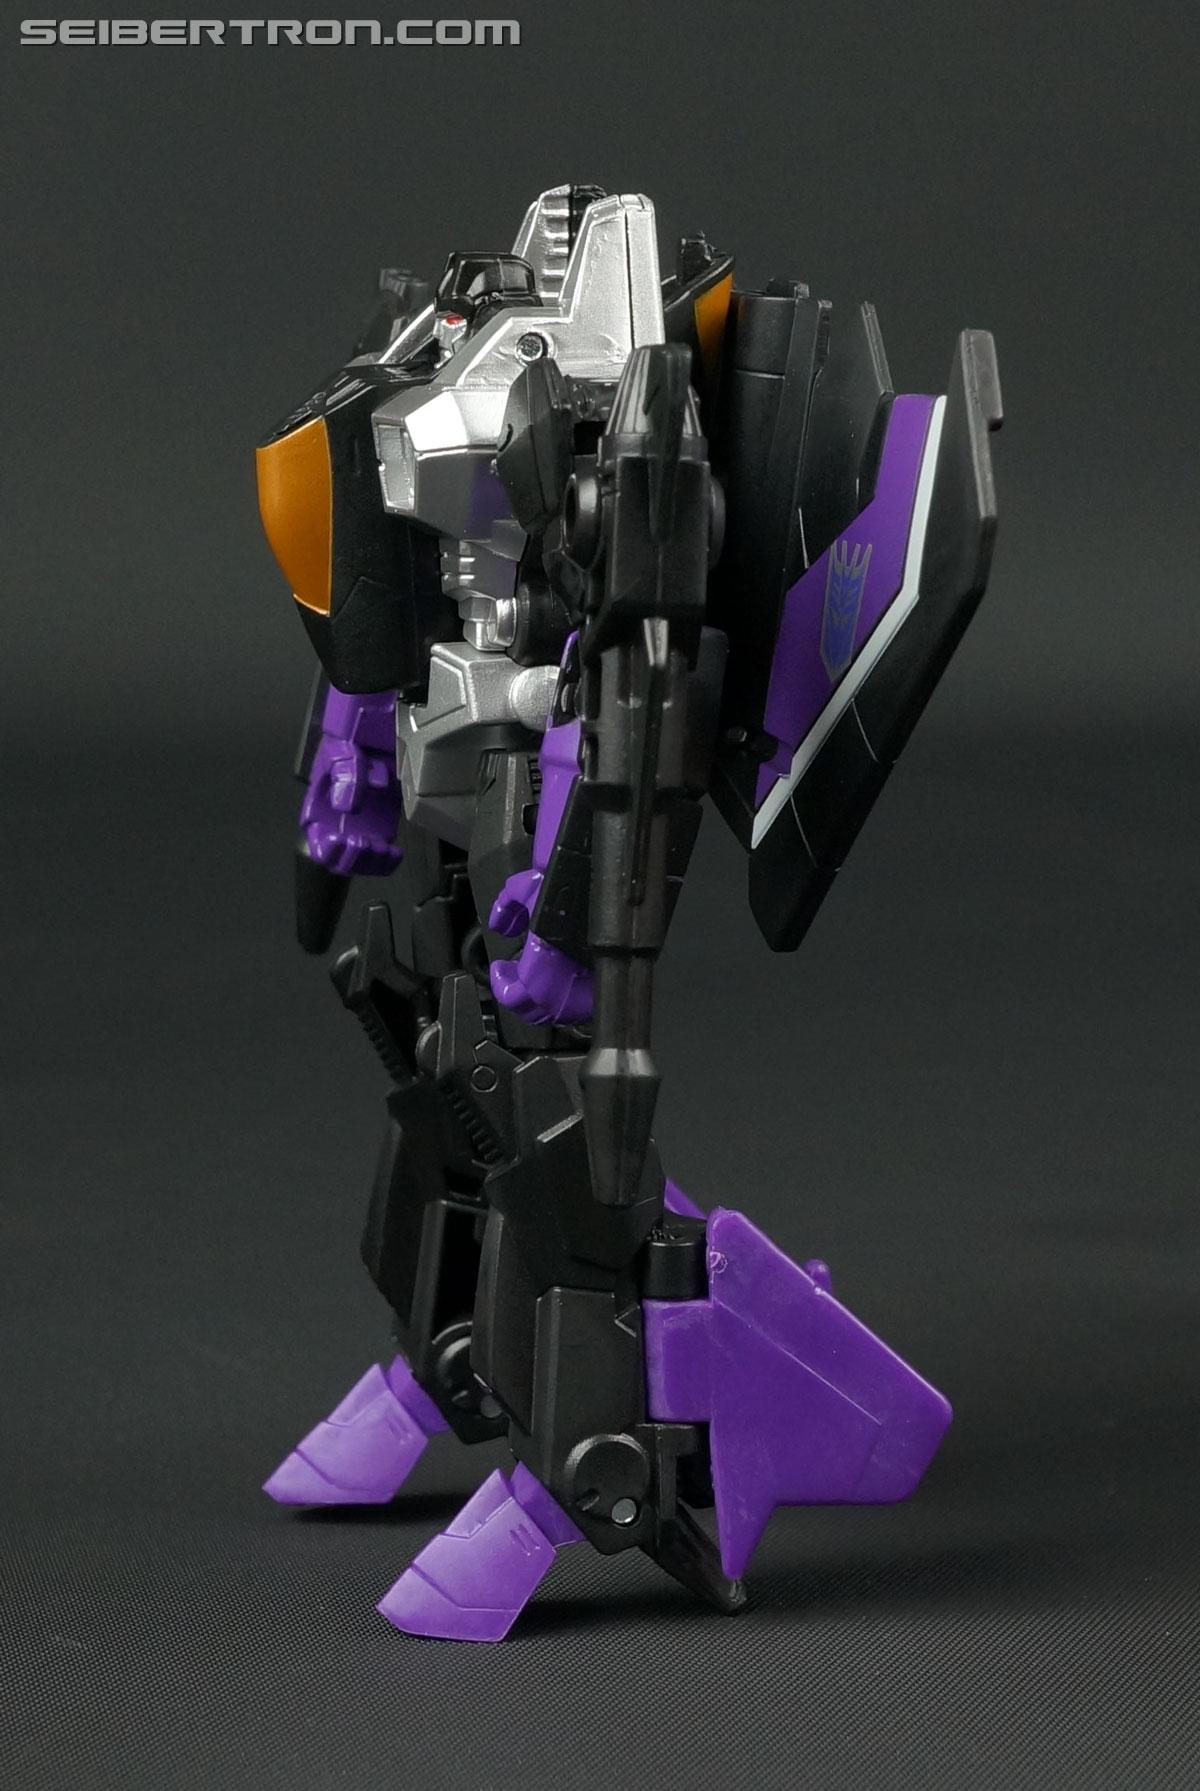 Transformers Generations Combiner Wars Skywarp (Image #56 of 105)